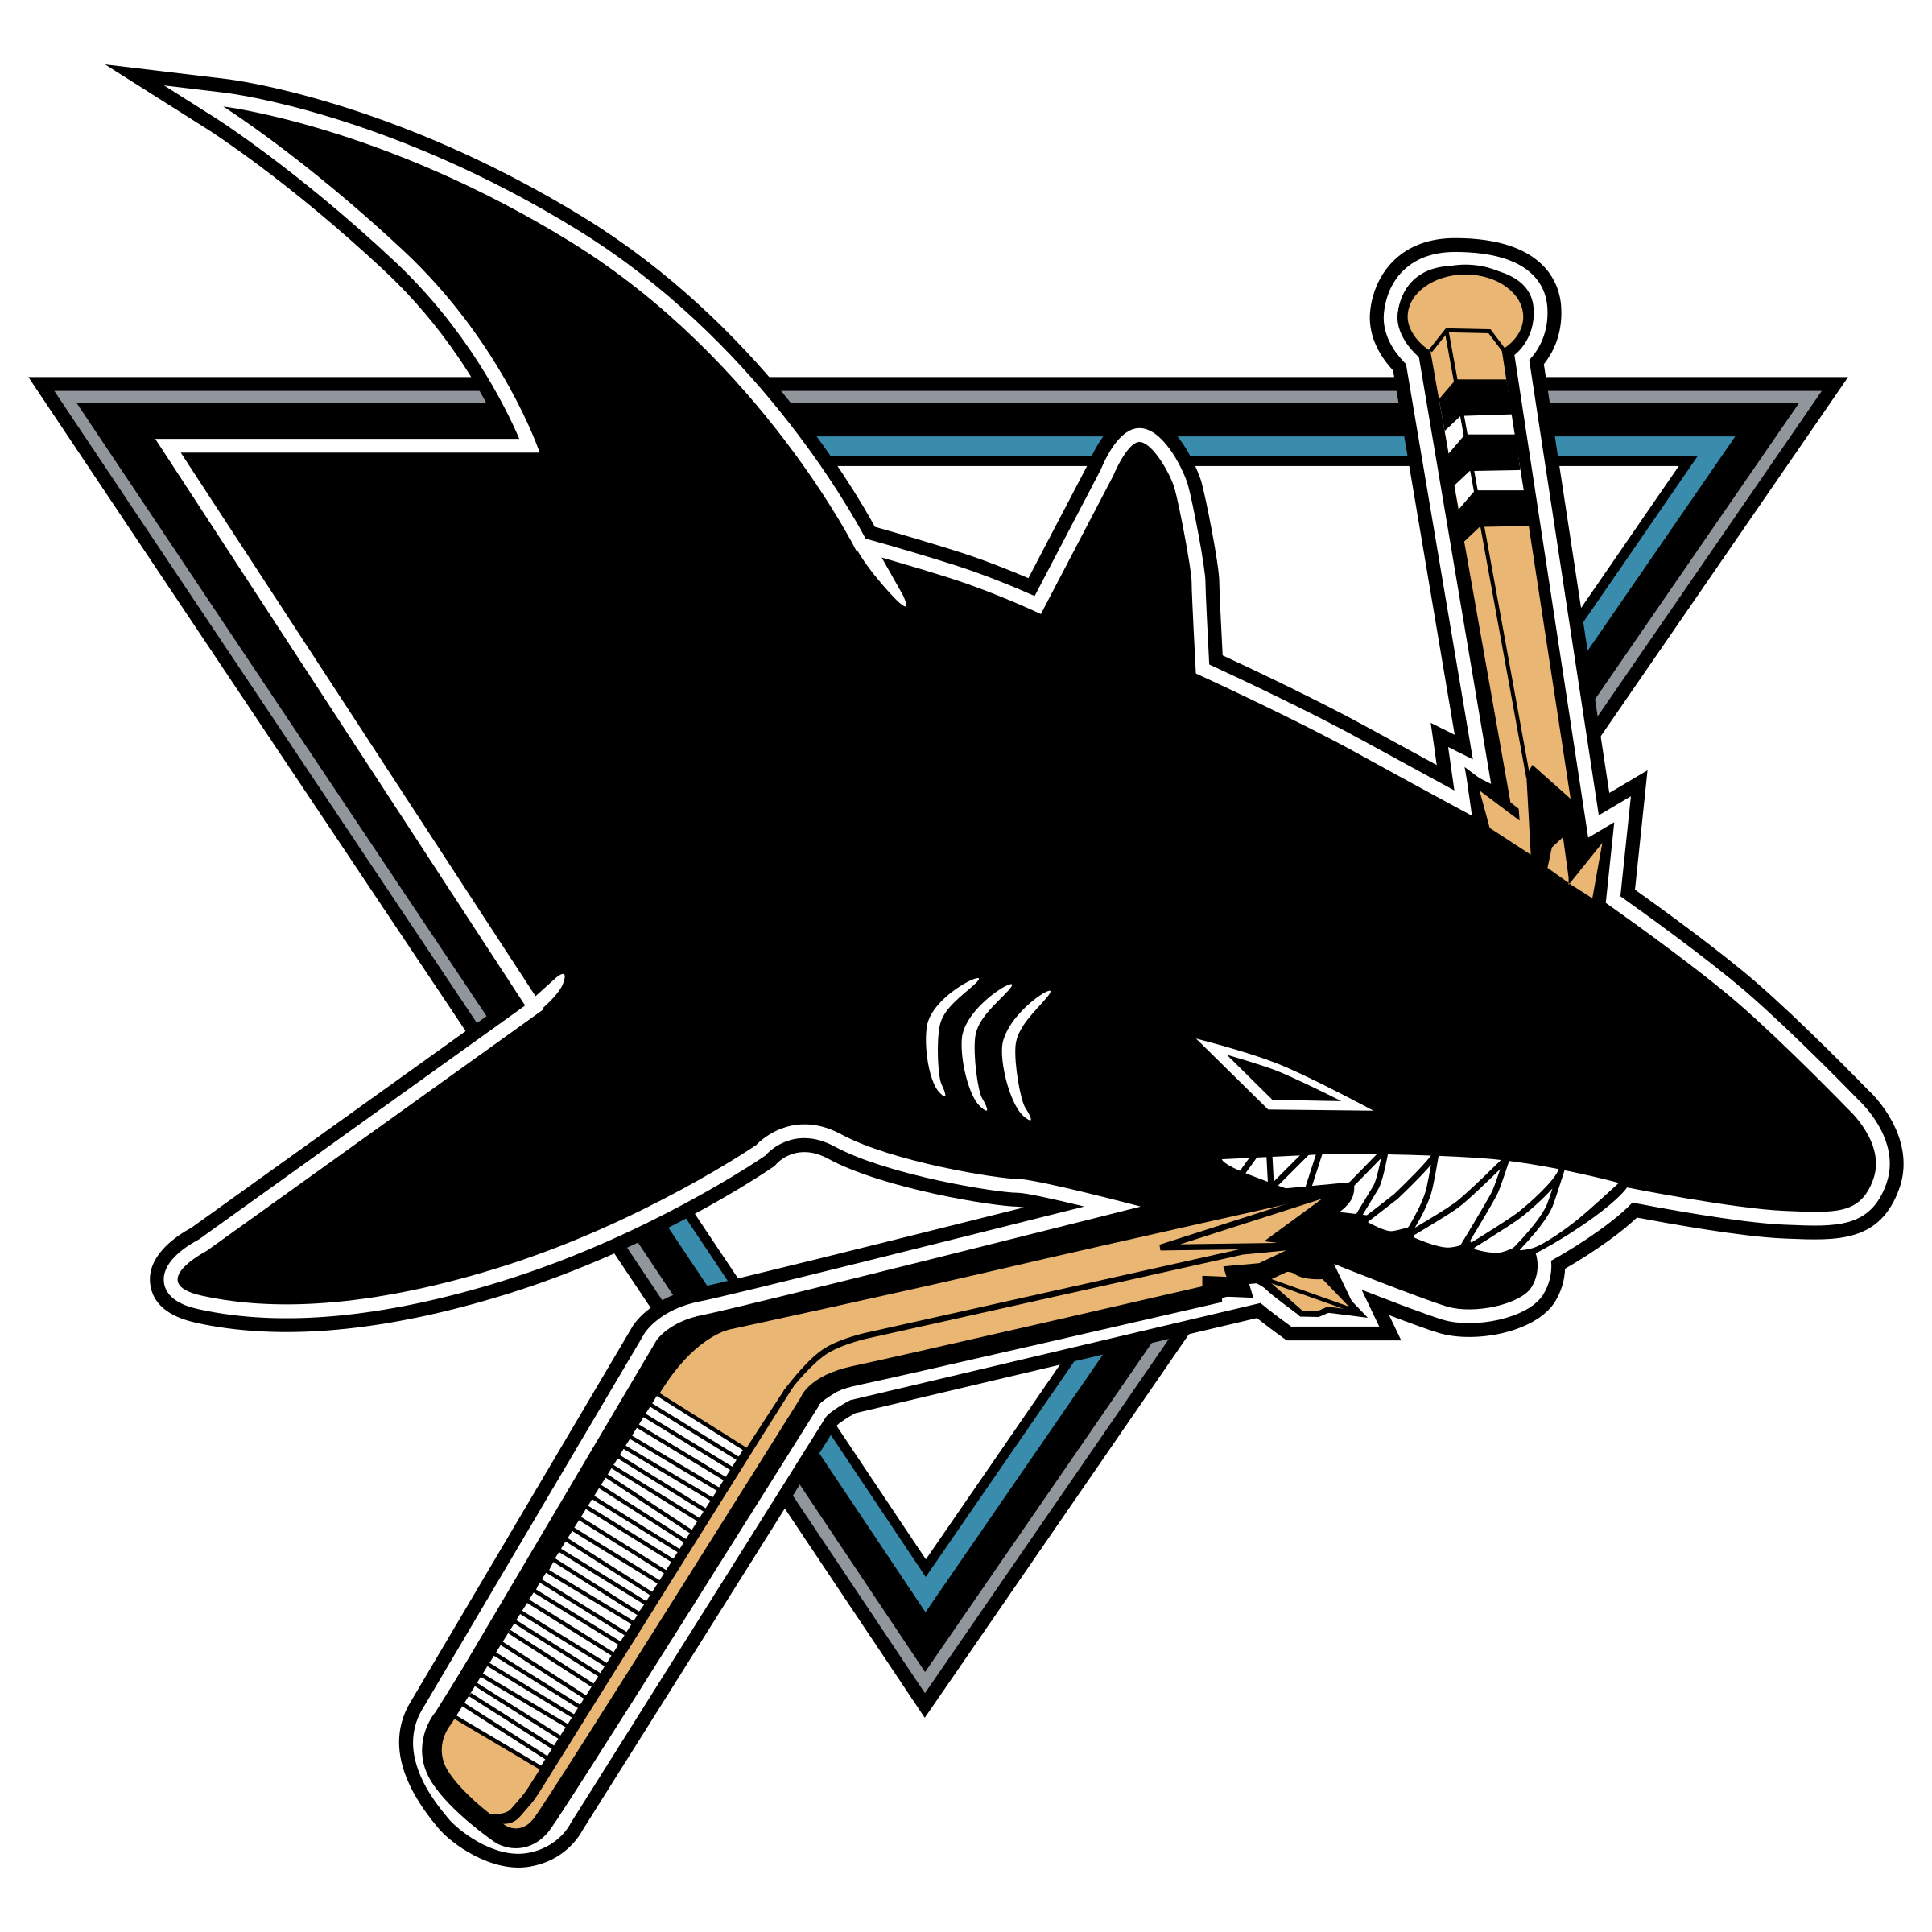 San jose sharks logo. Clipart shark vector